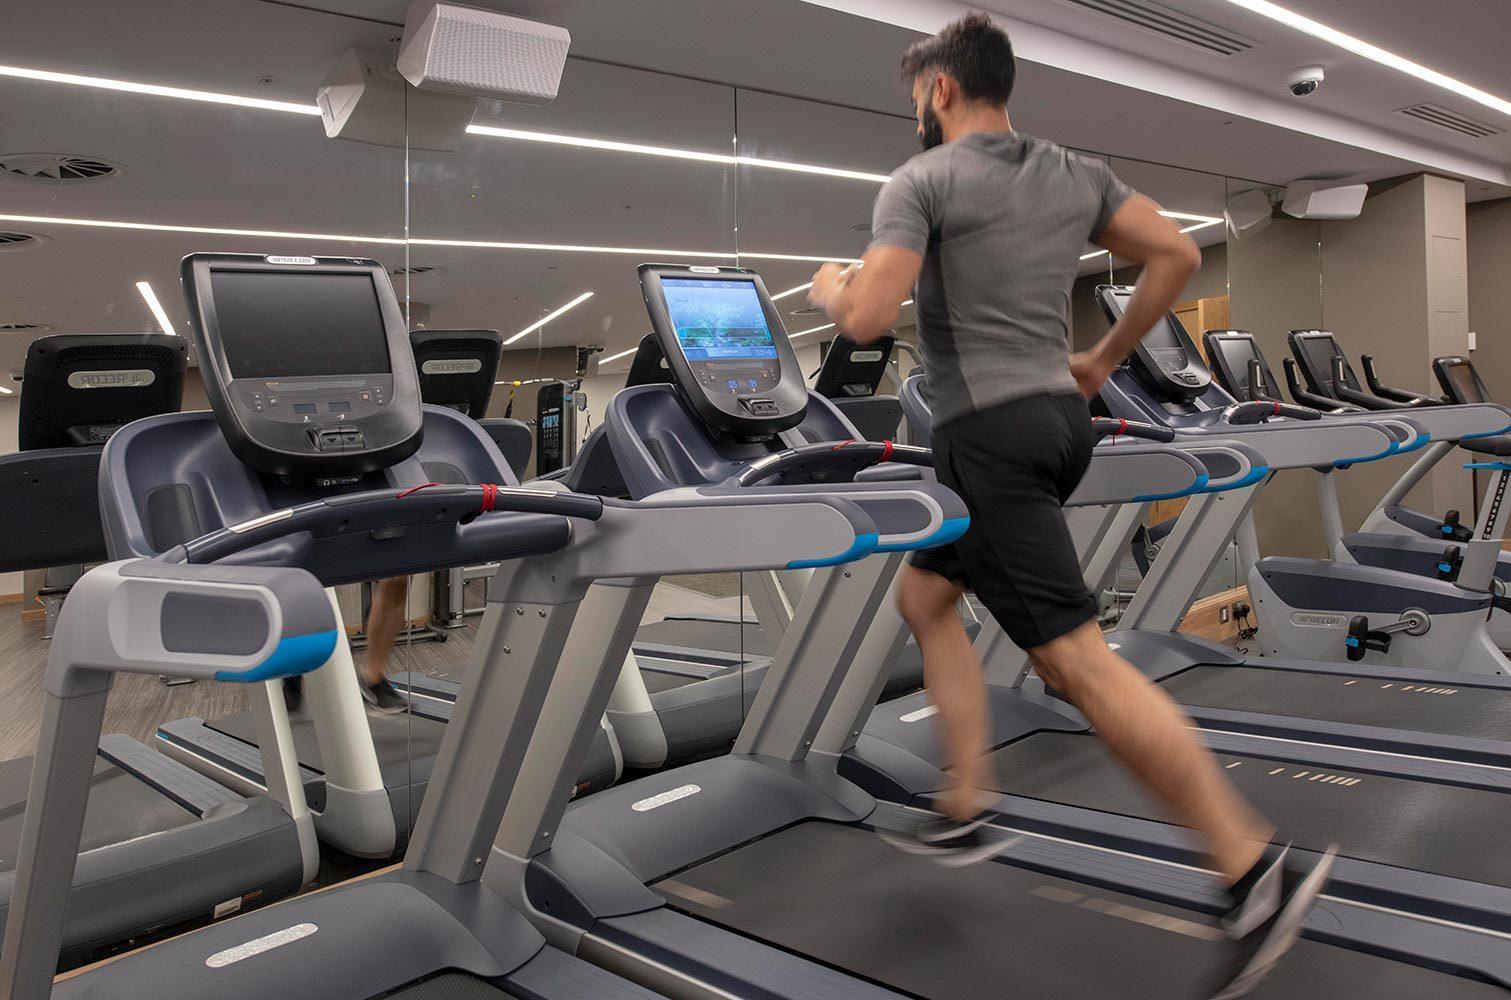 Lincoln-Plaza-gym-2500x1000